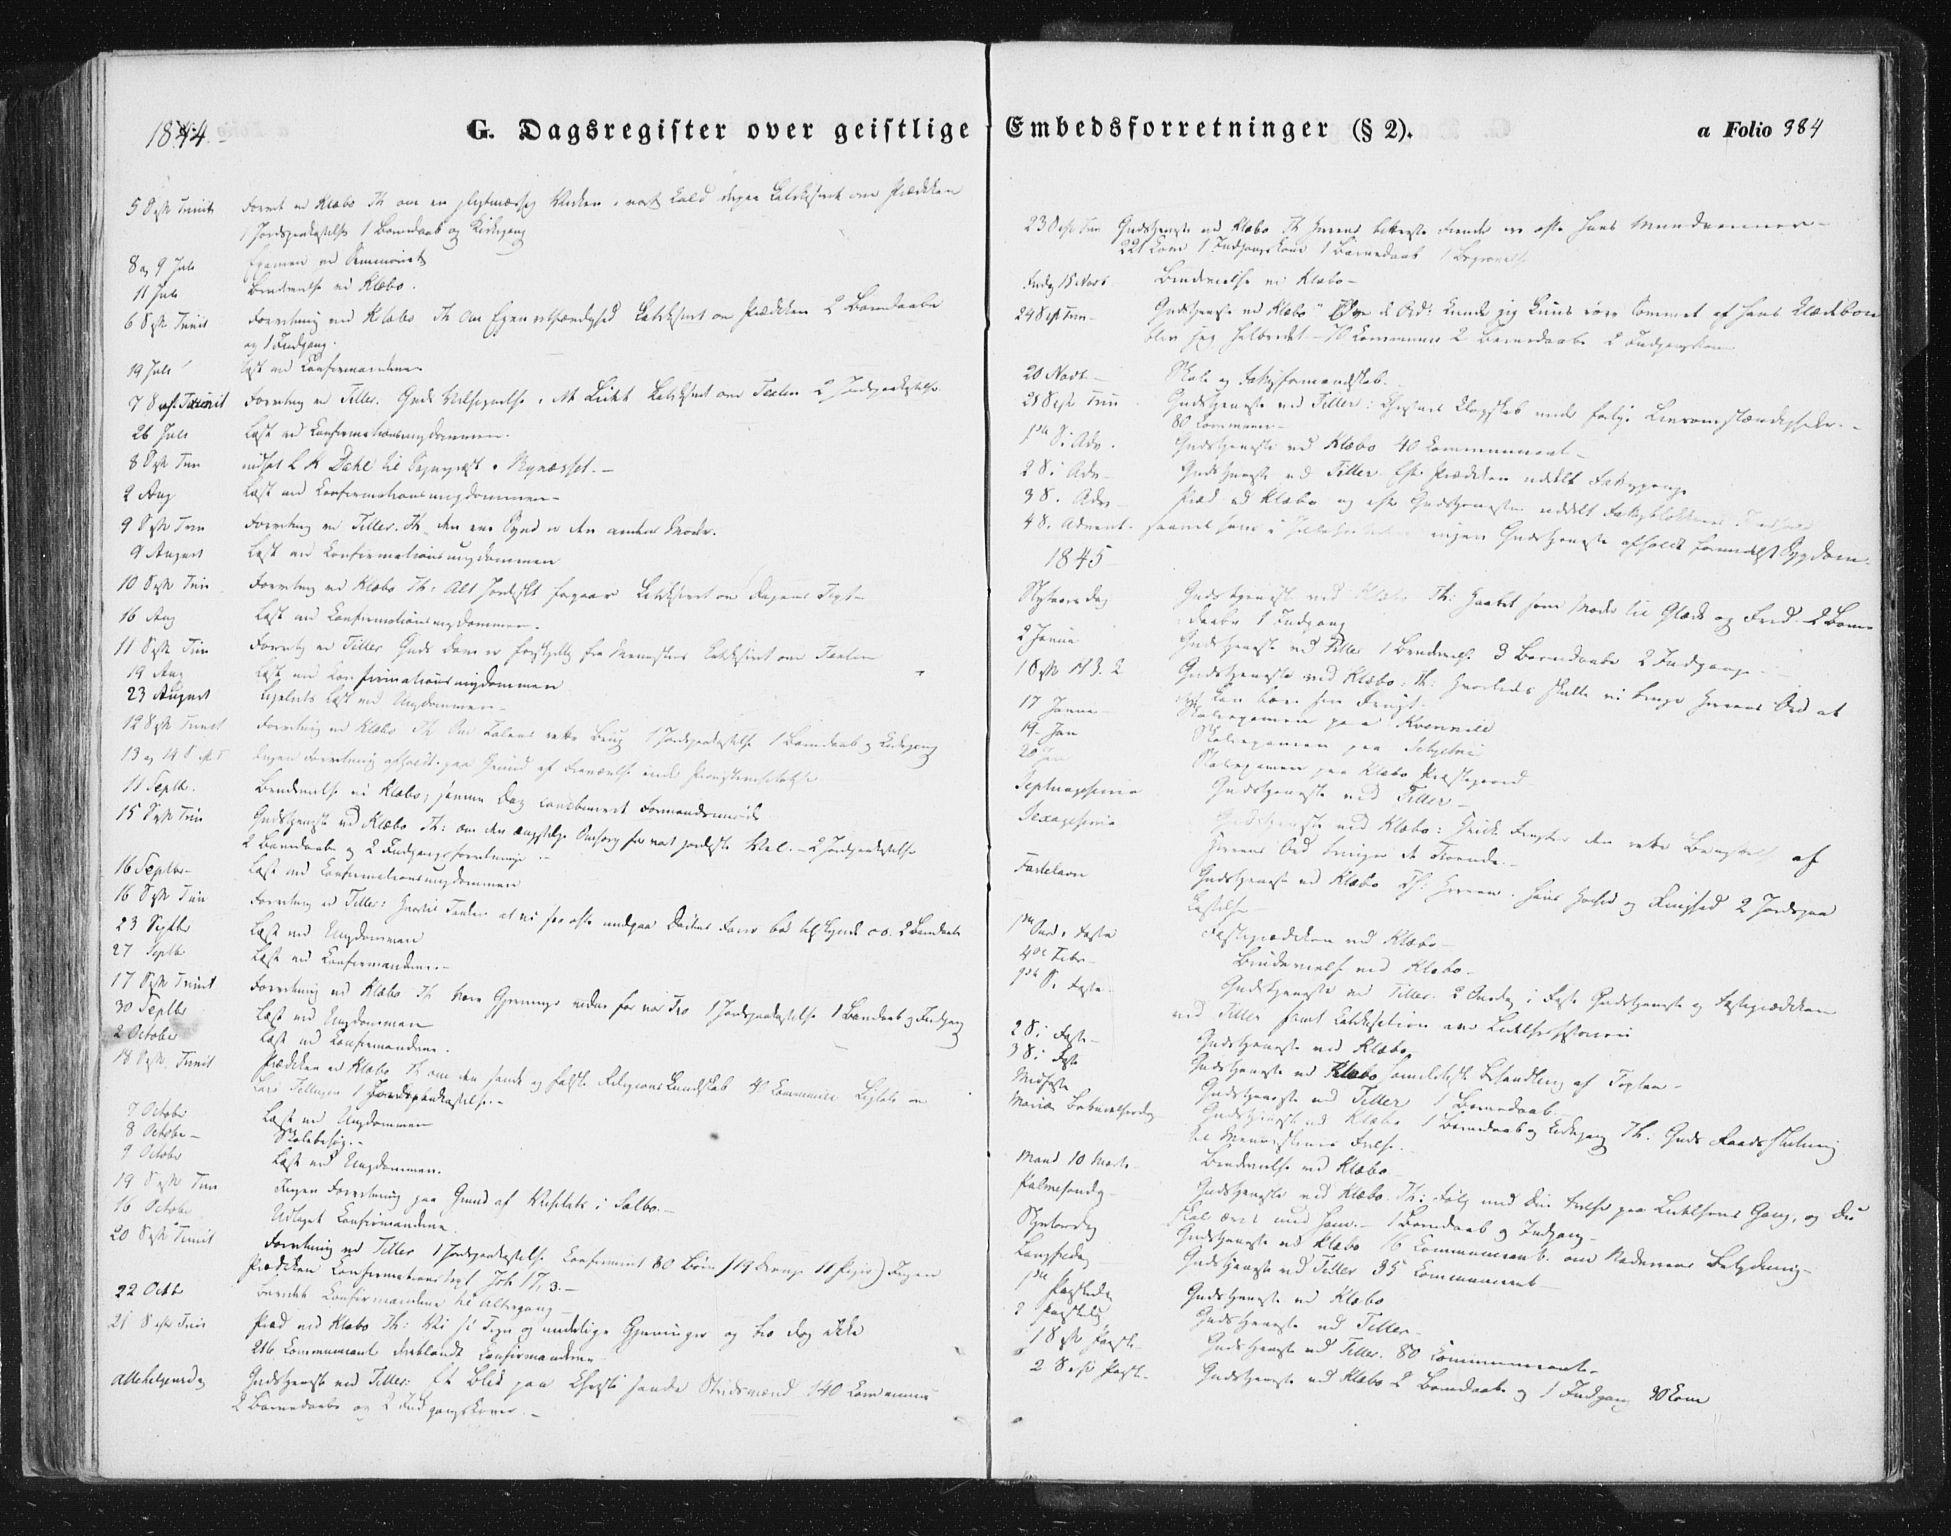 SAT, Ministerialprotokoller, klokkerbøker og fødselsregistre - Sør-Trøndelag, 618/L0441: Ministerialbok nr. 618A05, 1843-1862, s. 384